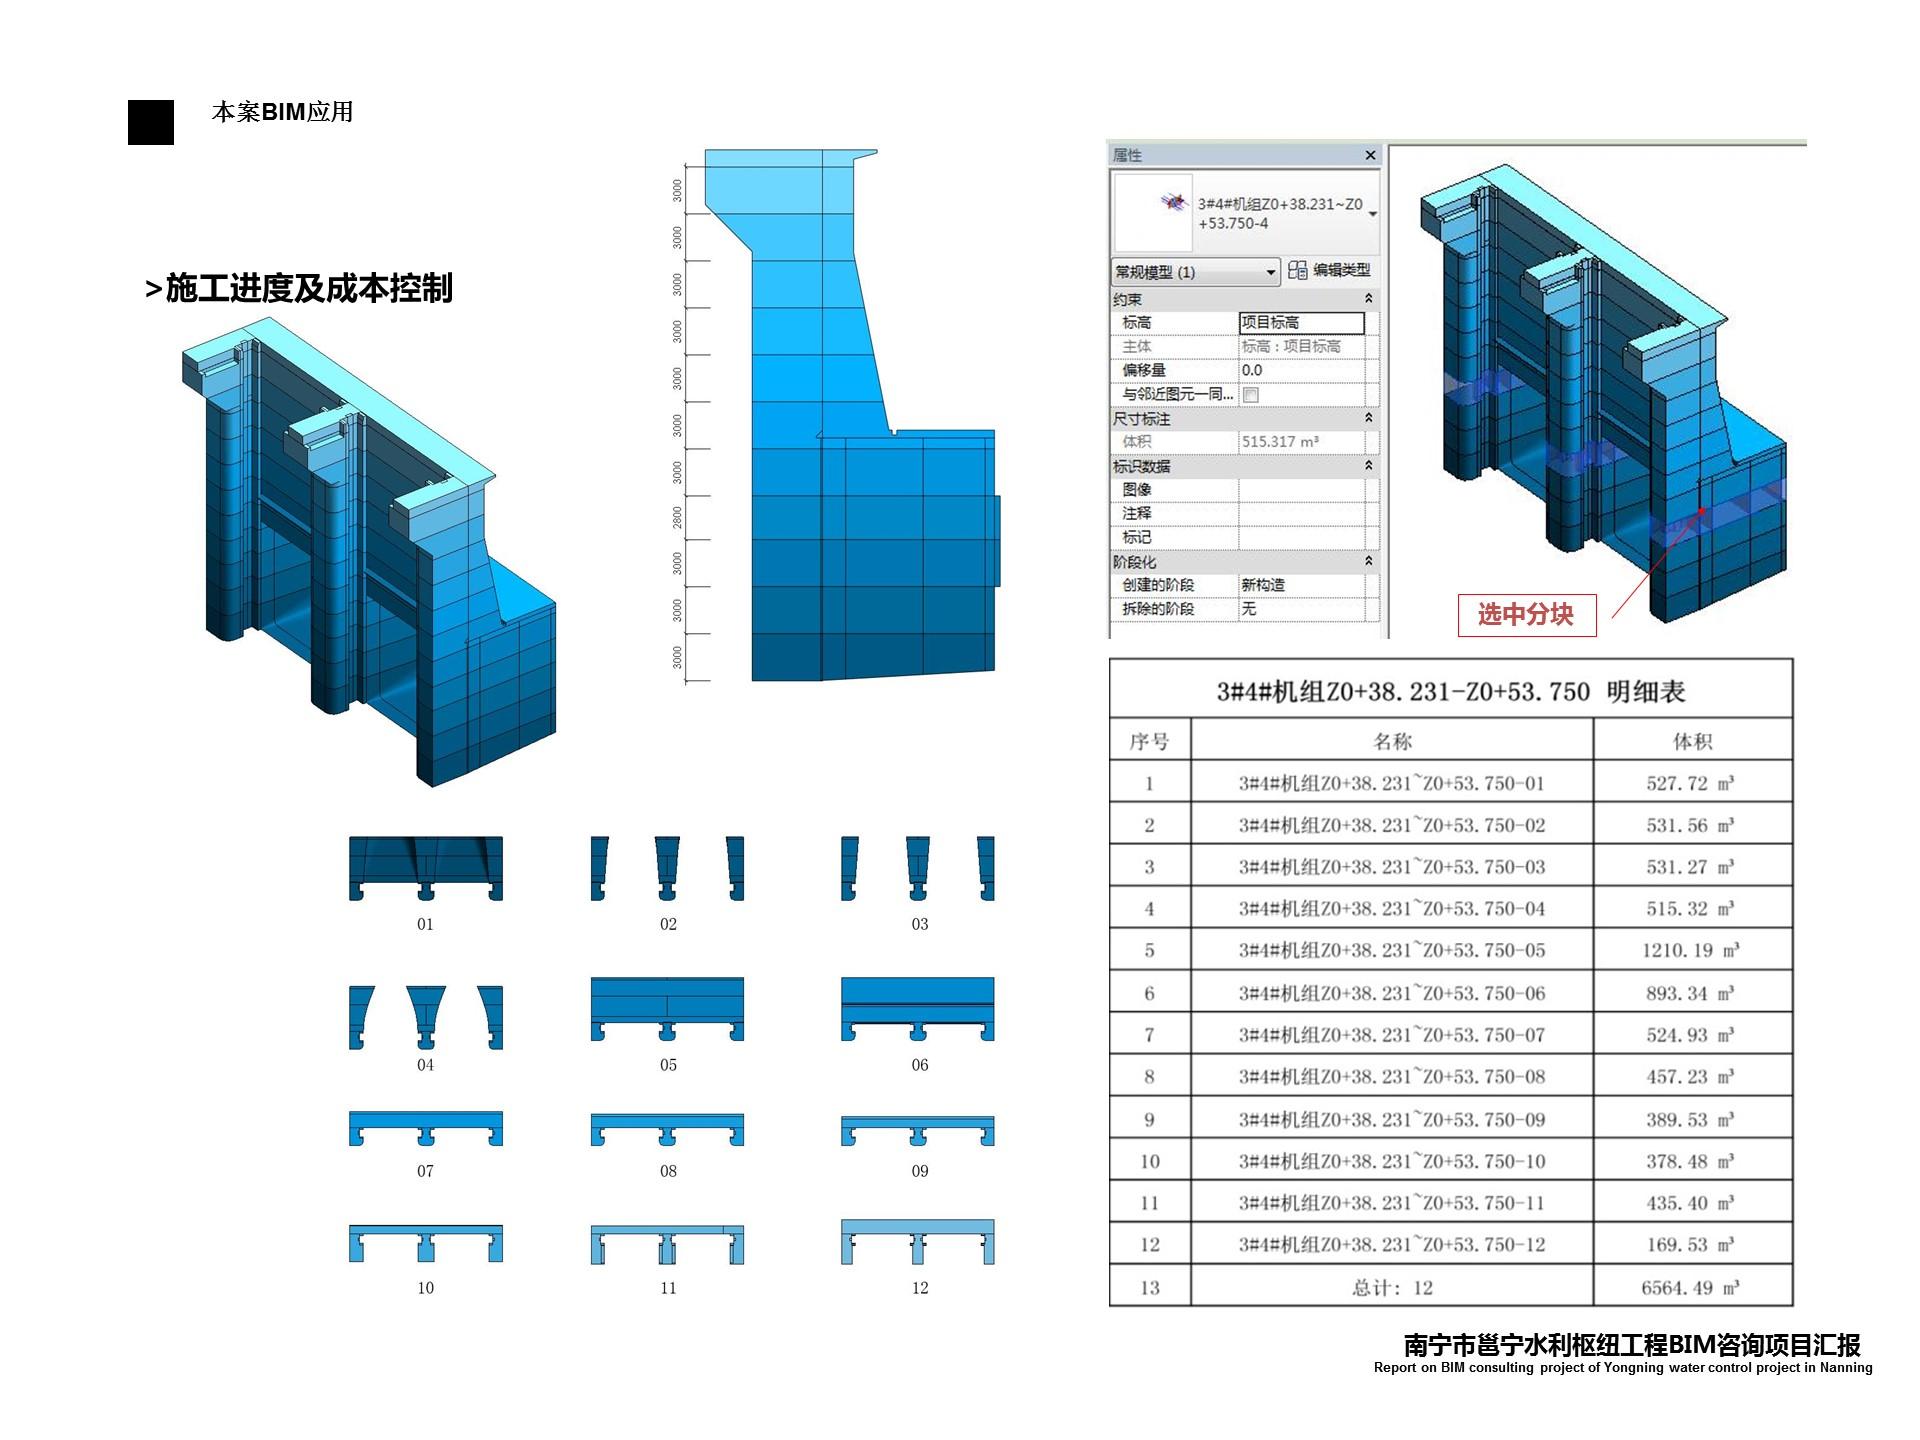 中铁二十局与中建西北院合作,共同推动BIM技术在南宁邕宁水利枢纽工程的施工阶段应用-BIMBANK